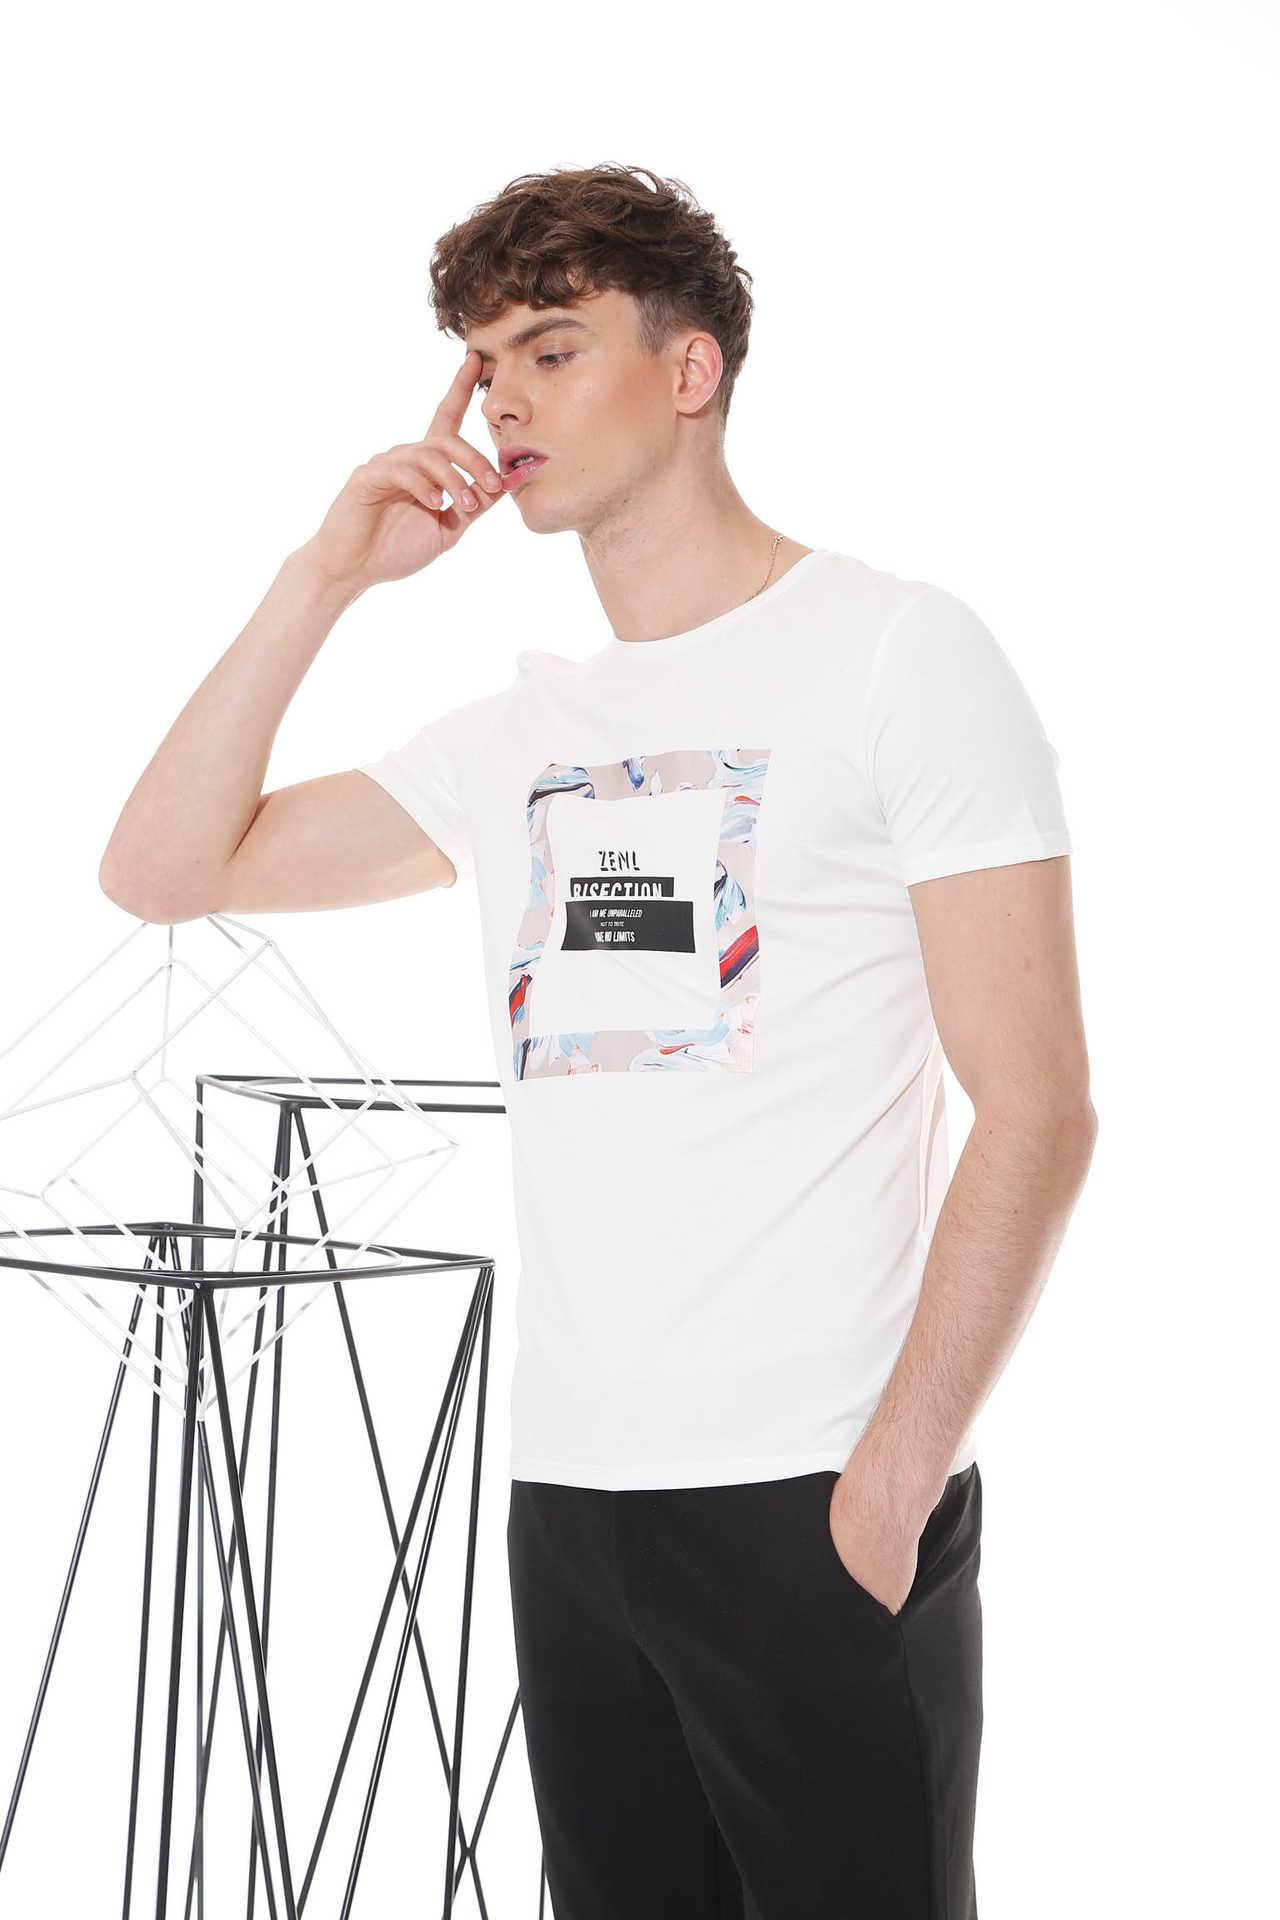 佐纳利品牌服饰海口市销售热线电话 ZENL风尚服饰扶持有哪些